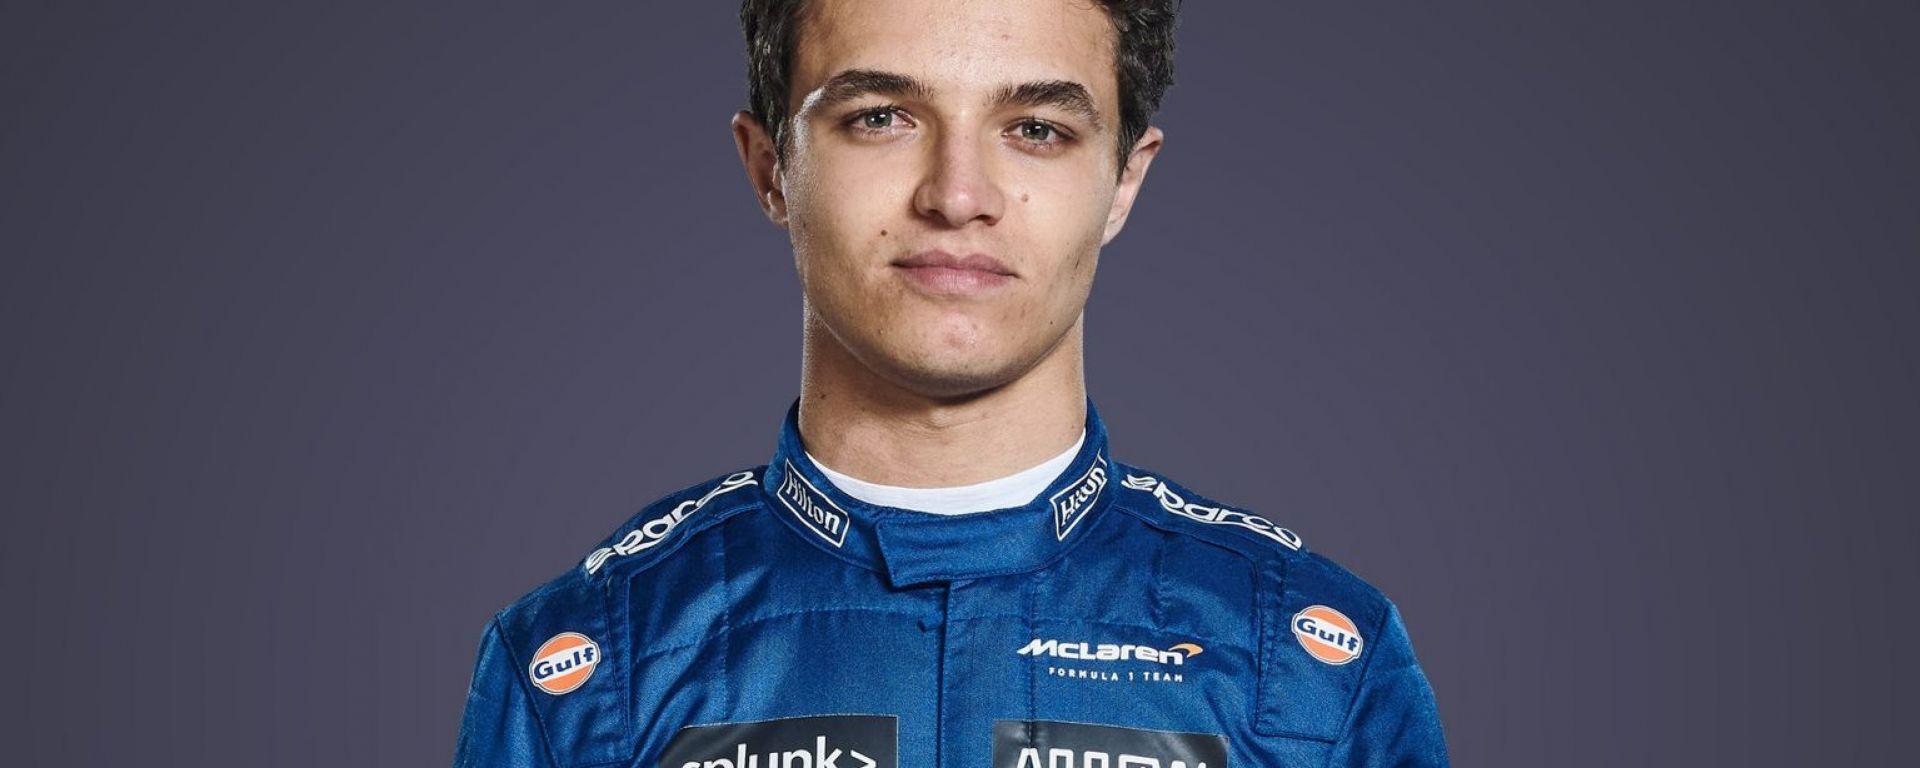 F1 2021, Lando Norris (McLaren)